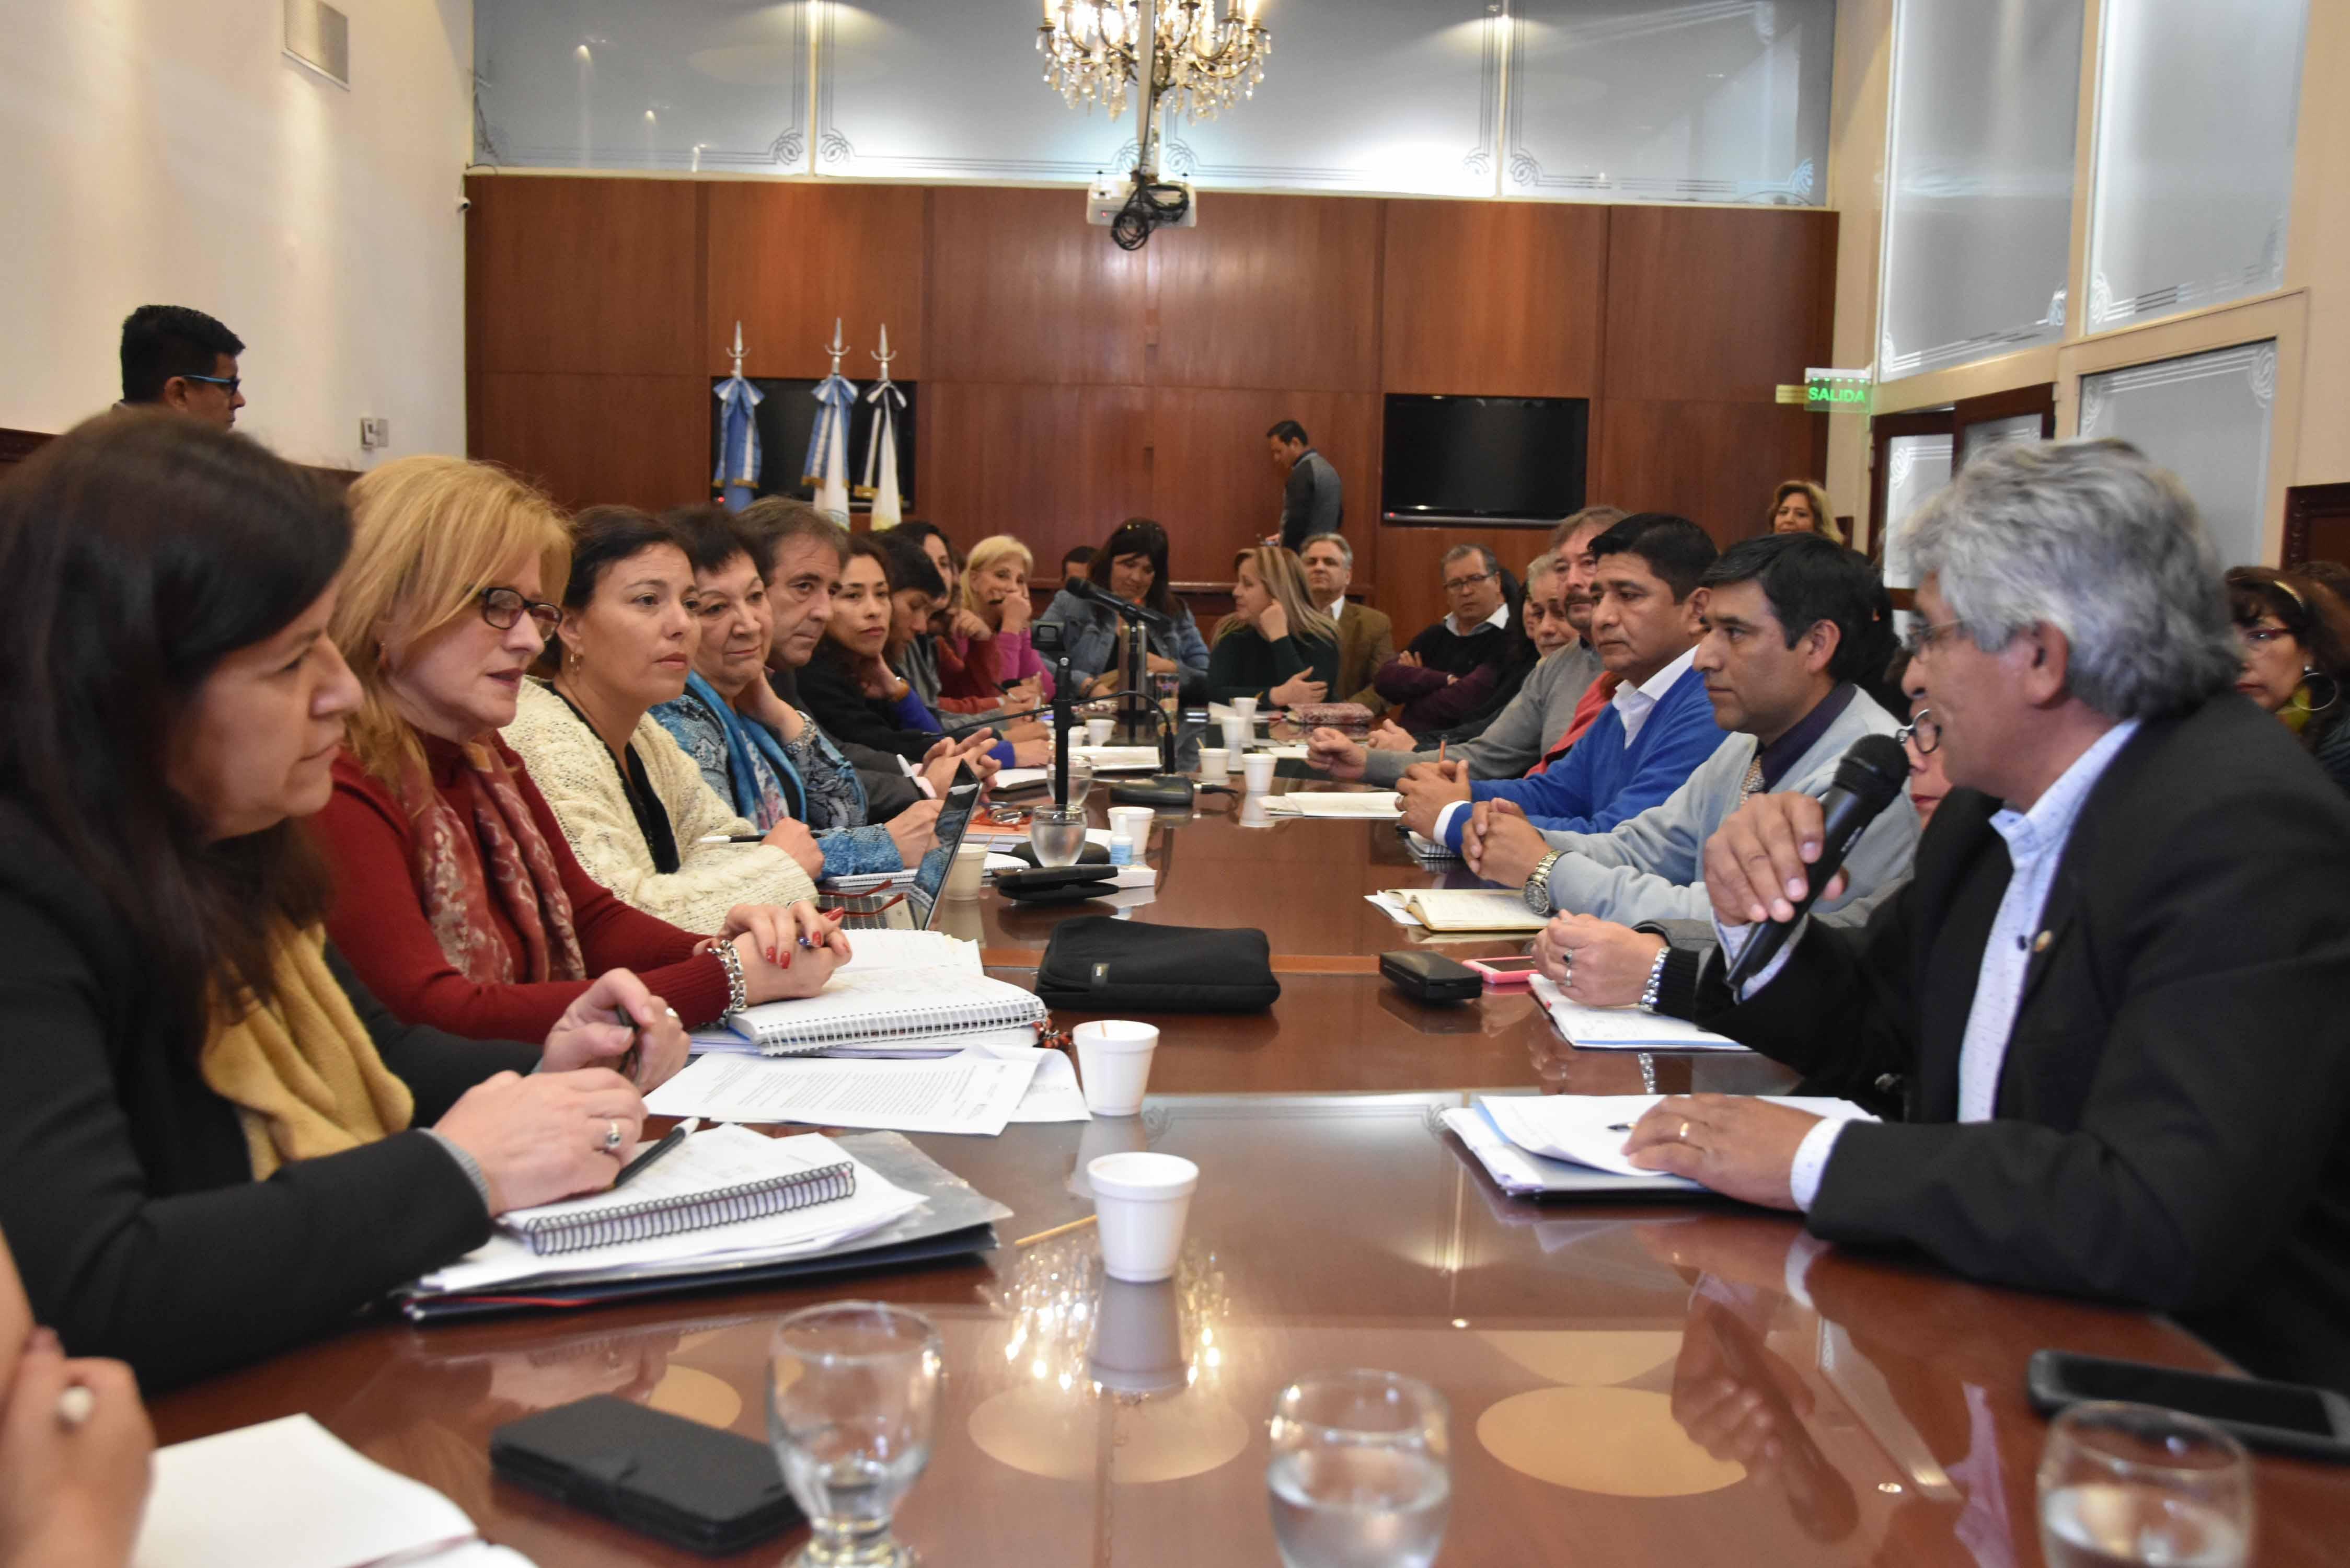 La Comisión de Educación recibió a representantes de los IES